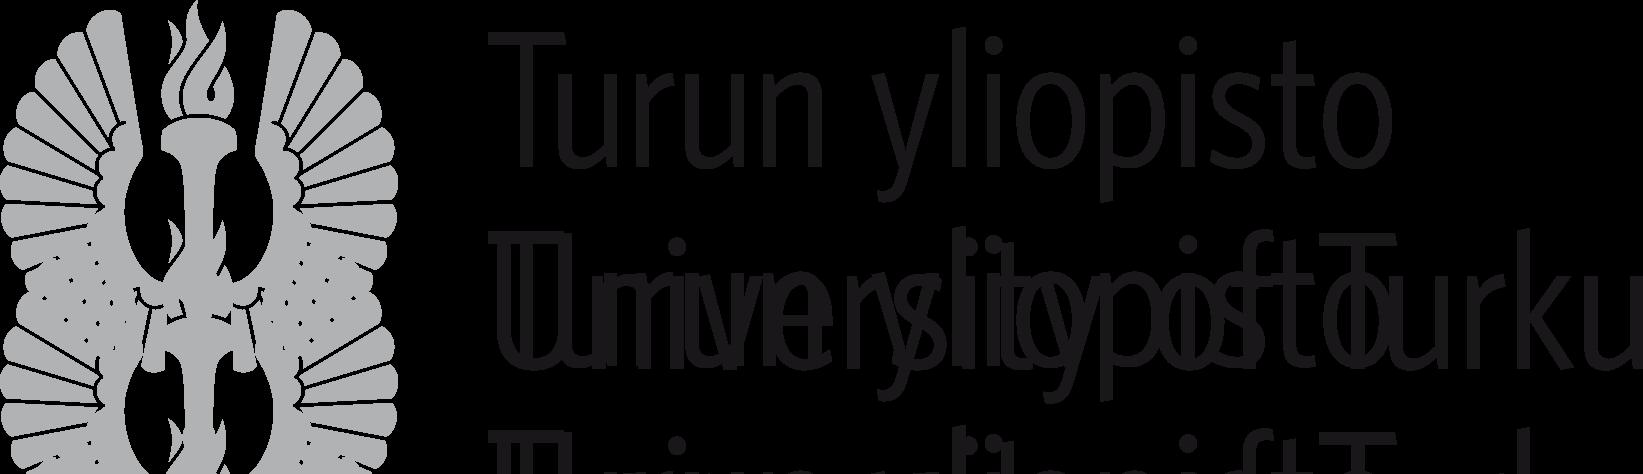 turun_yliopisto_logo_rgb.png